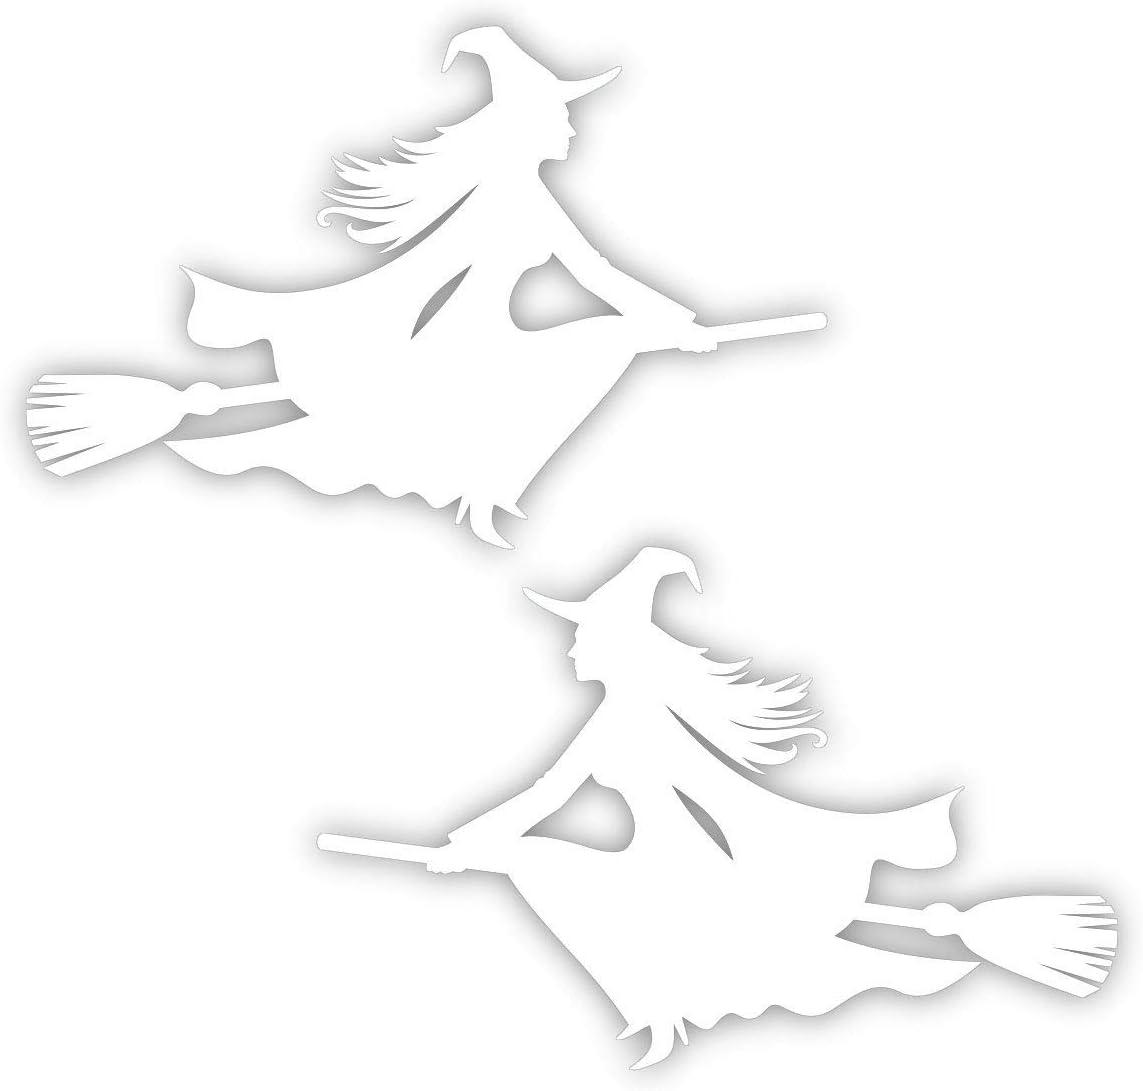 Aufkleber Hexe Auf Besen 2er Set Weiß 15x10 Cm Art Kfz 509 Set Außenklebend Für Auto Lkw Motorrad Moped Mofa Roller Fahrzeuge Uv Und Witterungsbeständig Für Waschanlagen Geeignet Auto